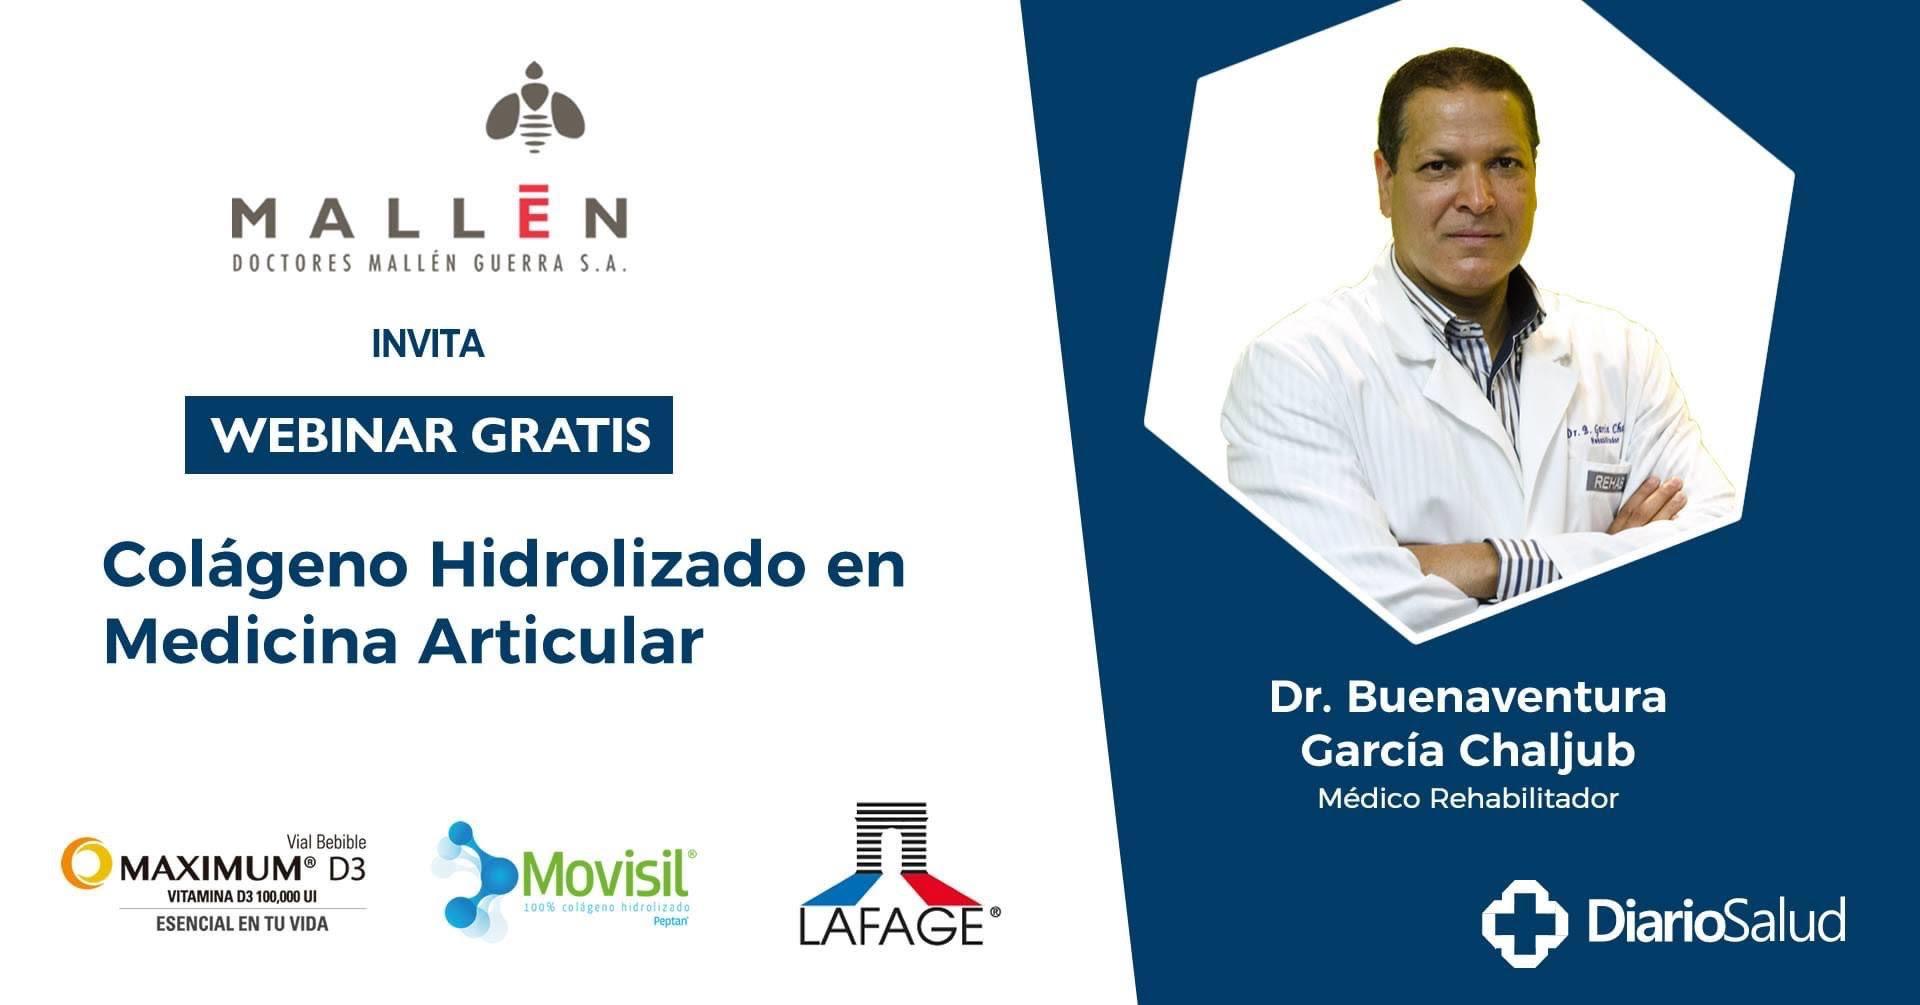 """Doctores Mallén realiza con éxito  webinar """"Colágeno Hidrolizado en Medicina Articular"""""""